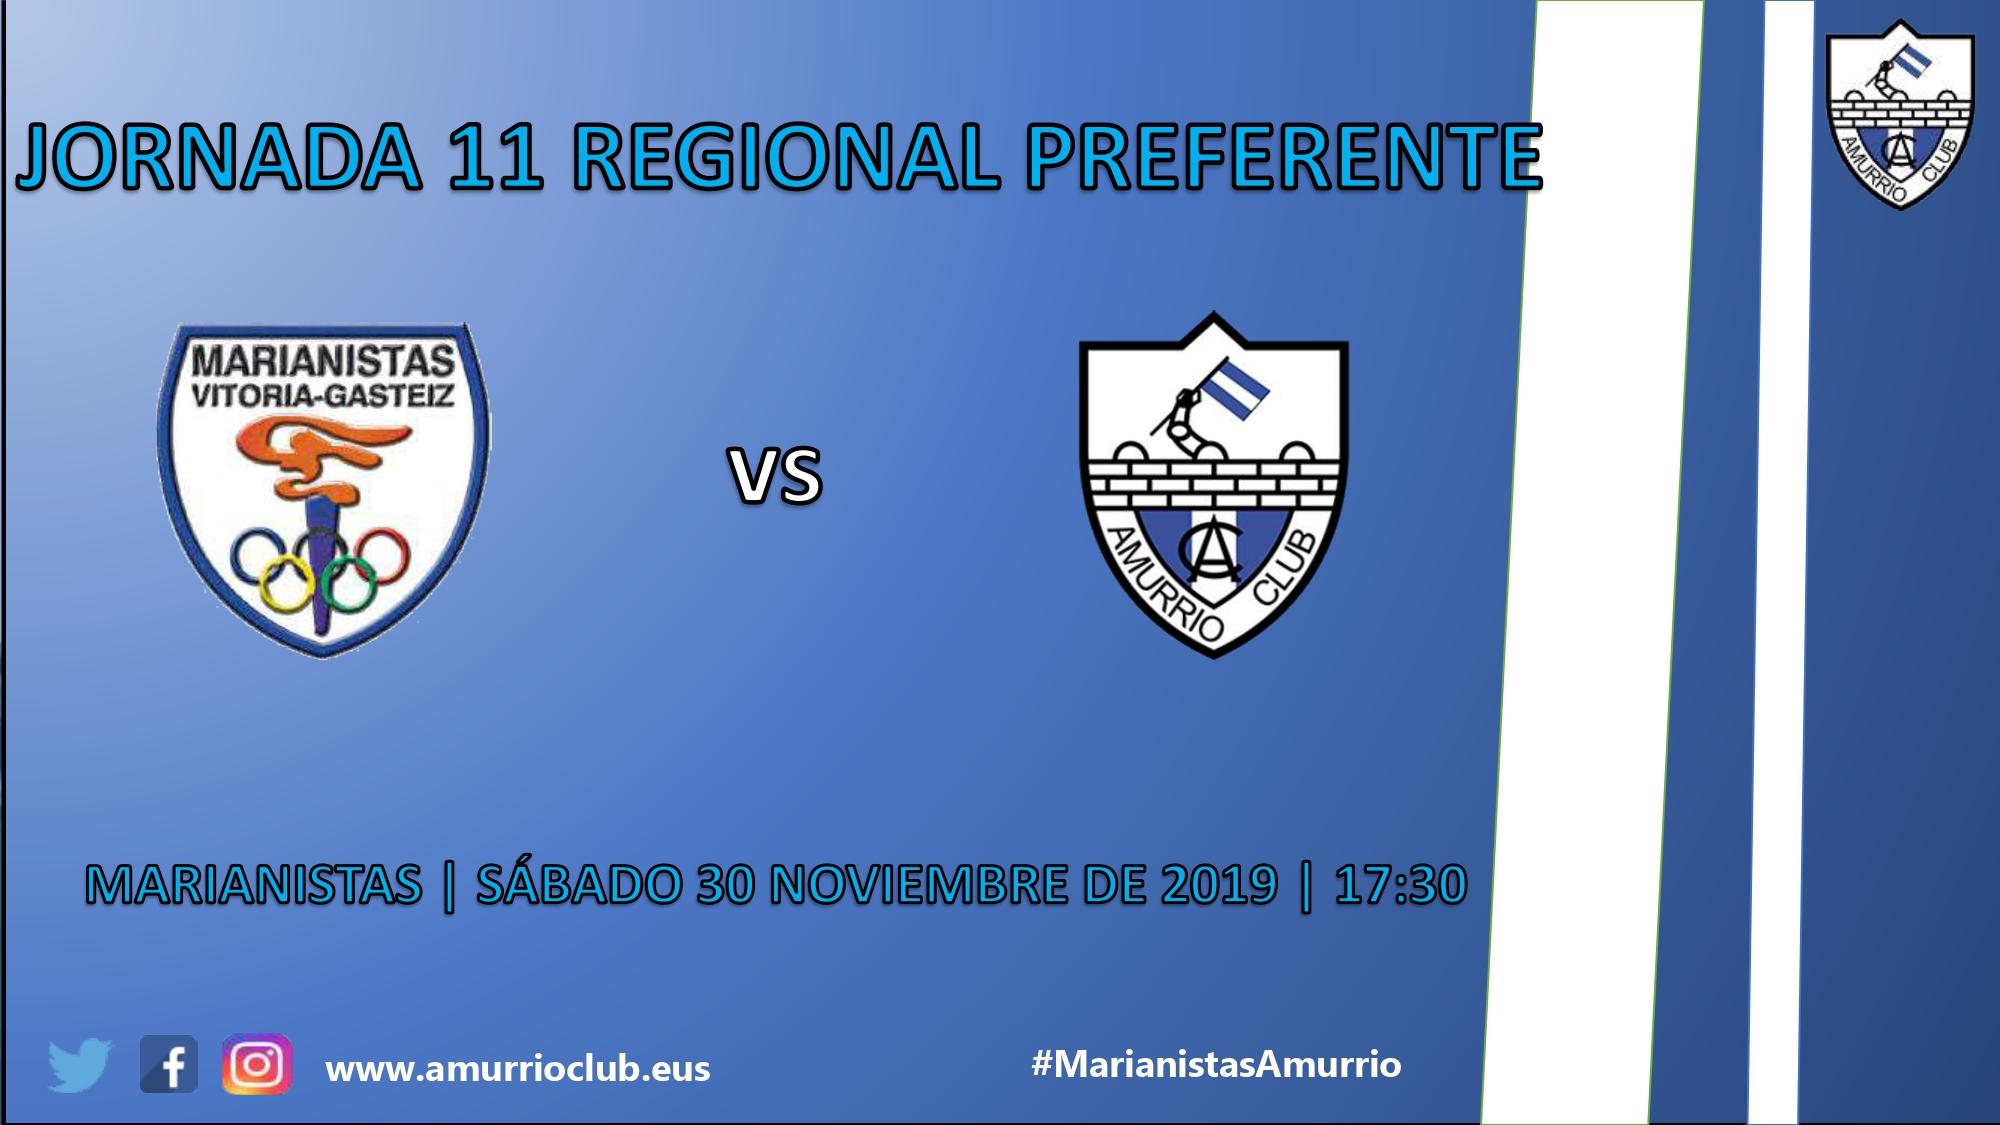 Horario del partido Marianistas - Amurrio club (11ª jornada).